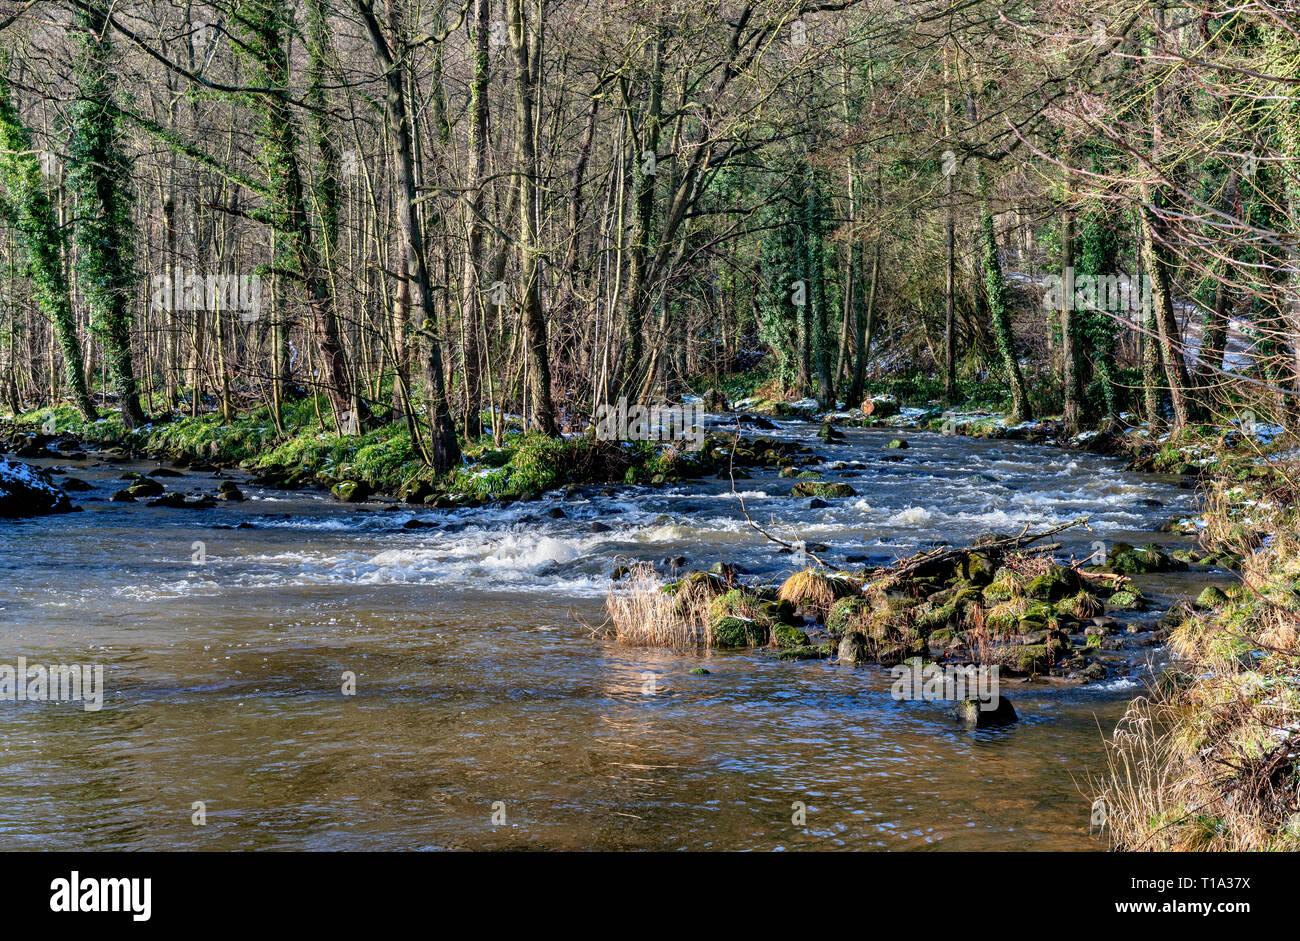 The river Esk at Egton Bridge - Stock Image